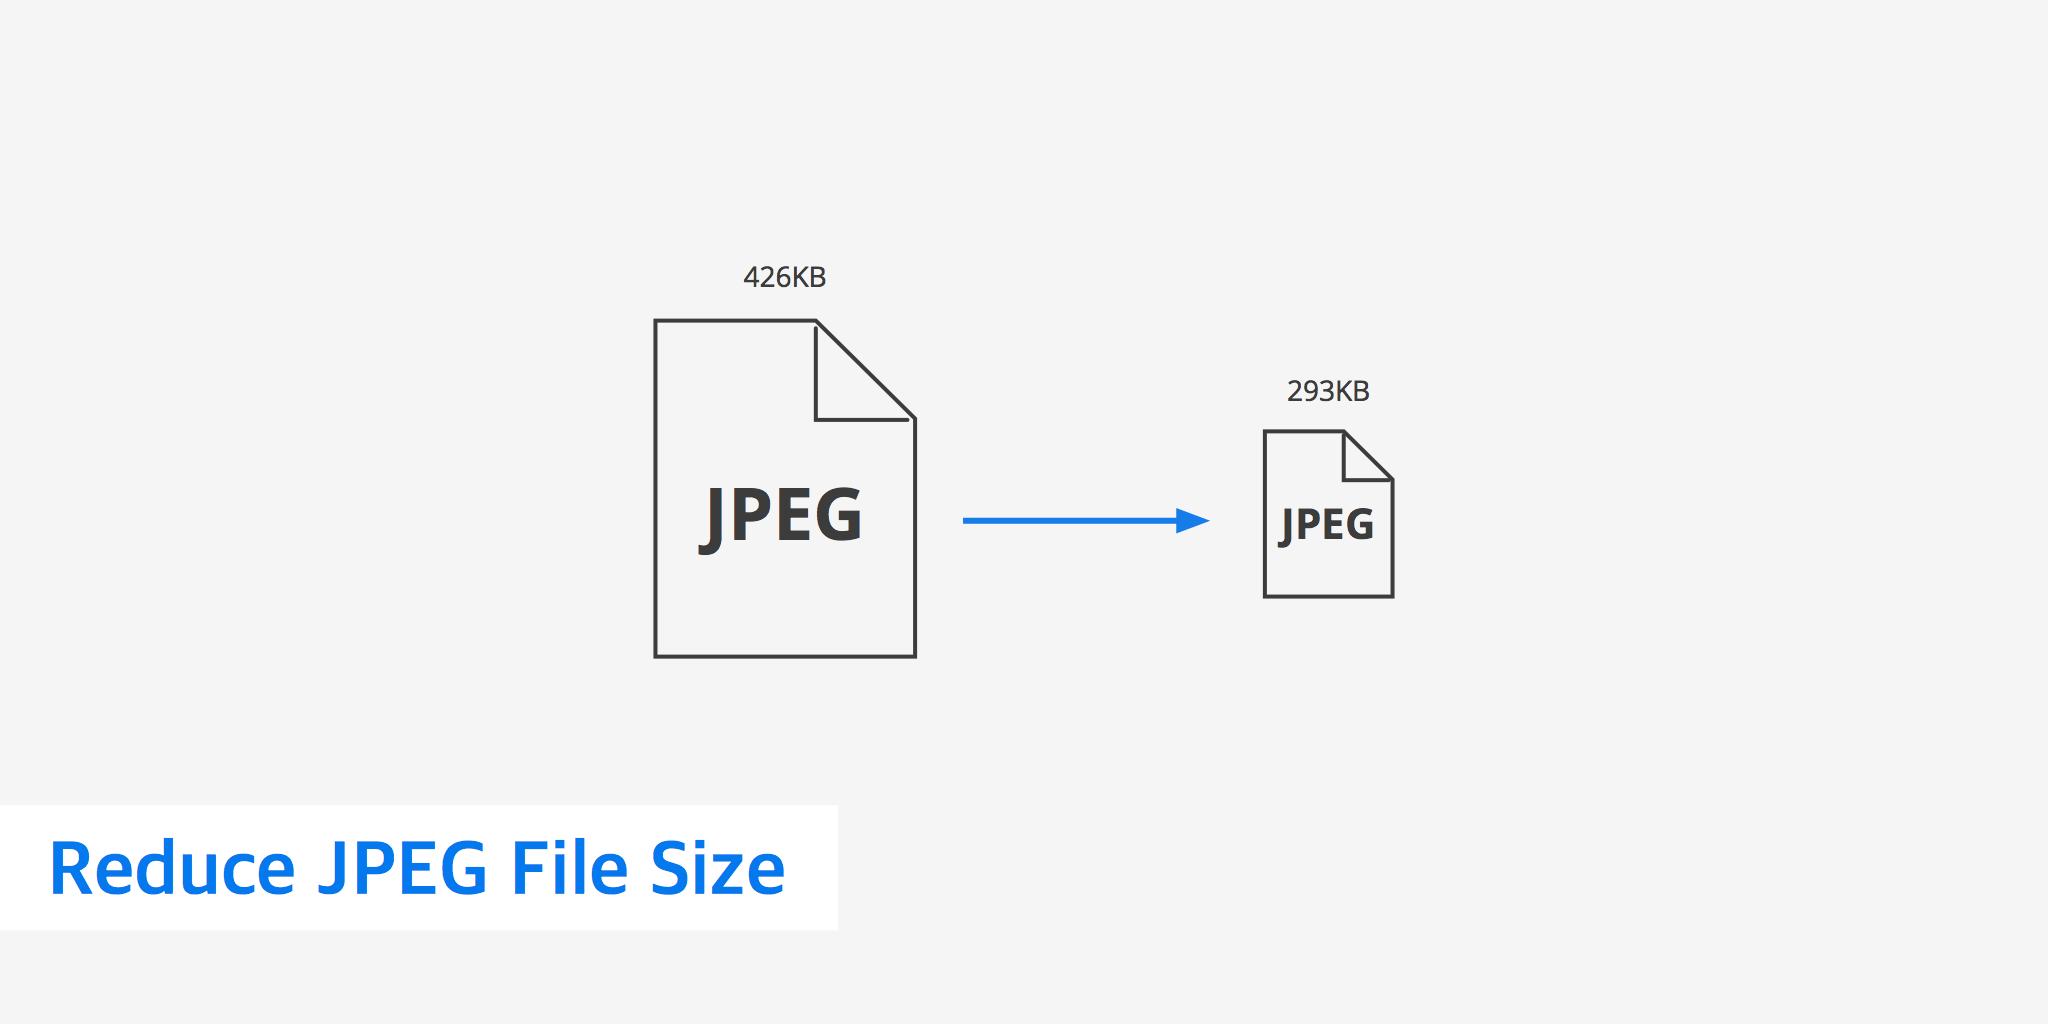 creare banner - ridurre dimensioni immagini